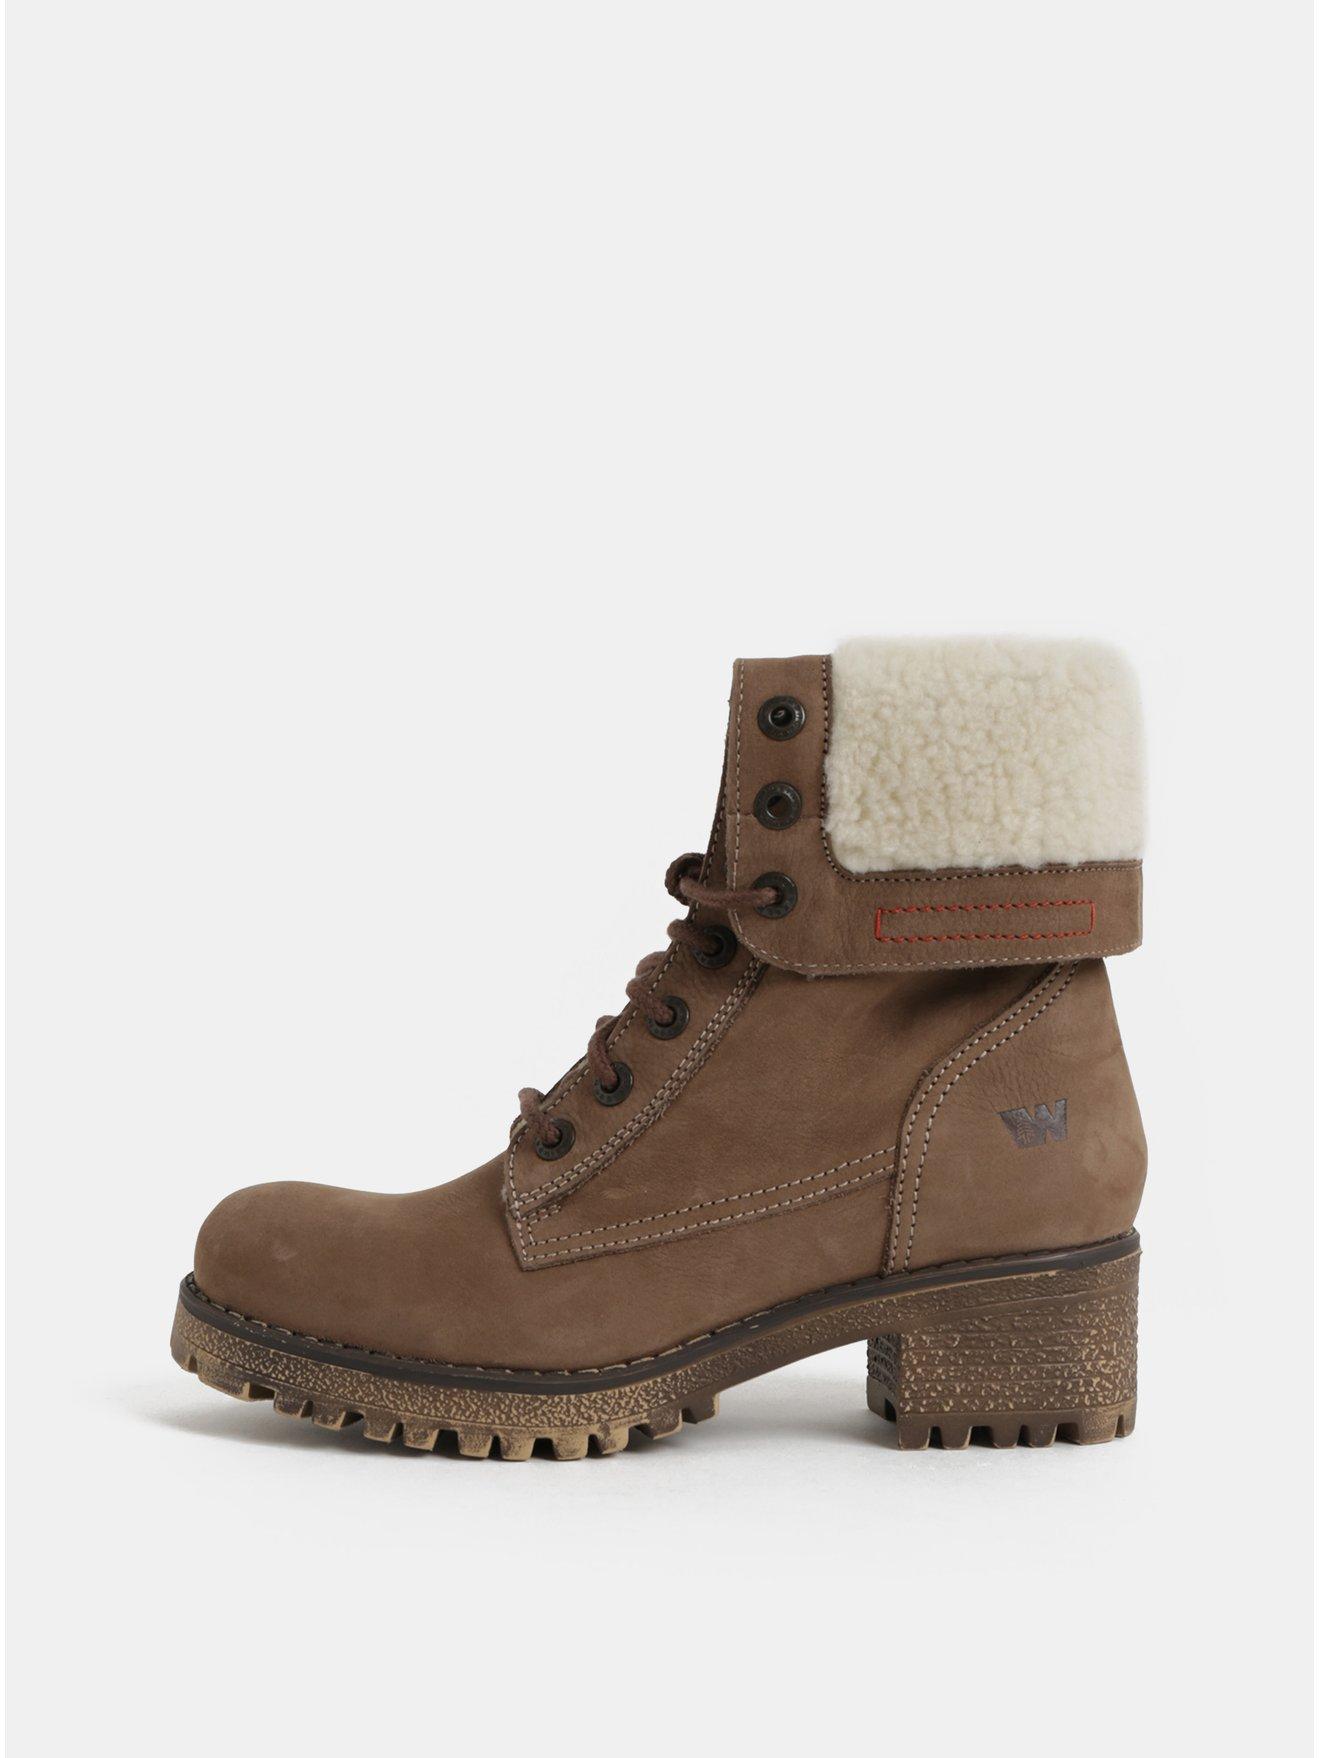 1b7b6a4cd27e9 Hnedé dámske kožené členkové zimné topánky na podpätku Weinbrenner ...